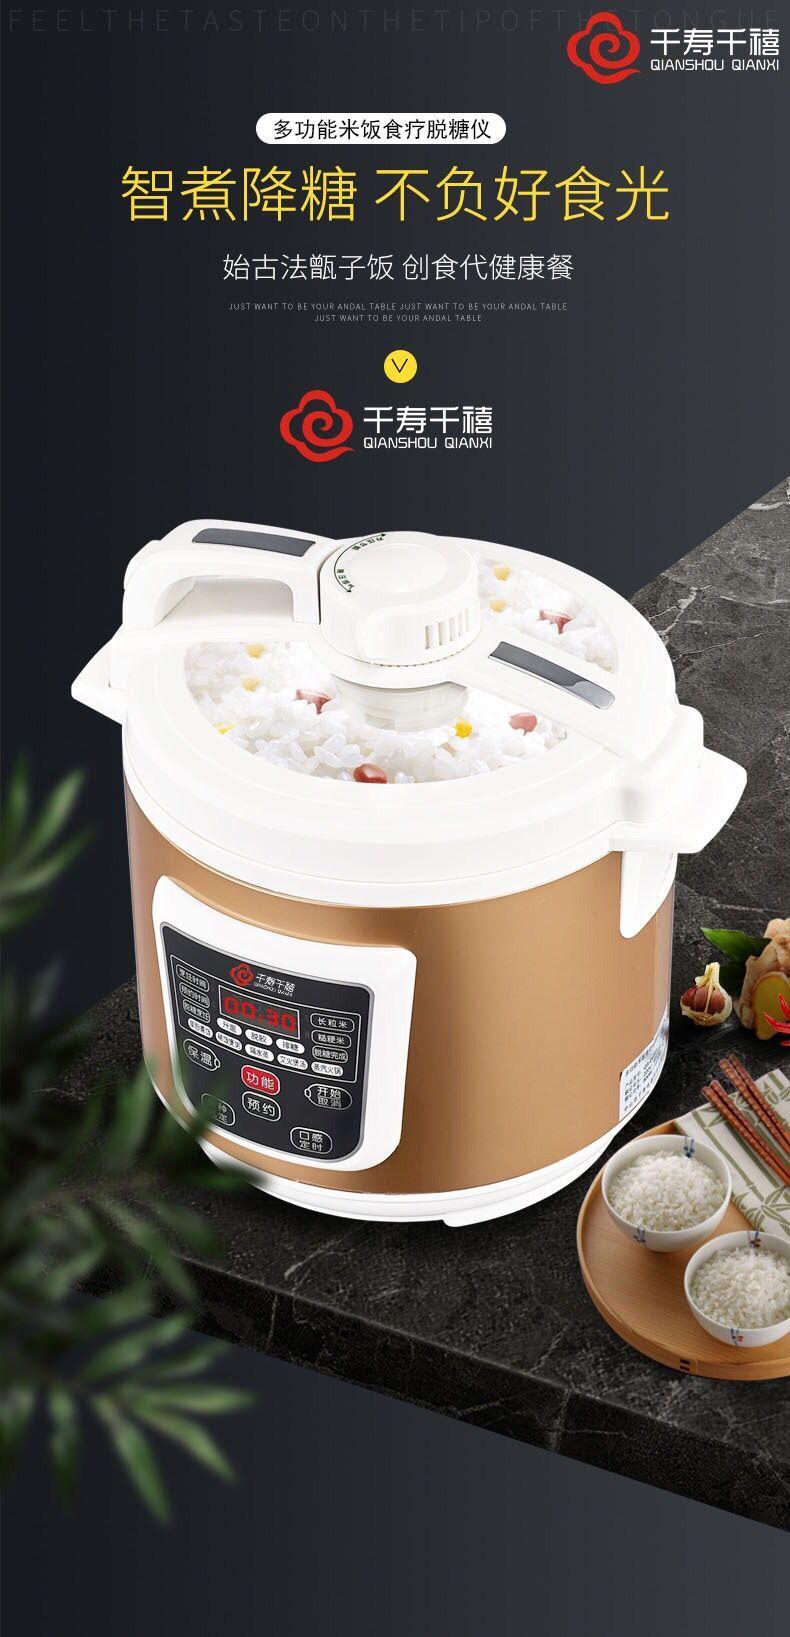 厂家定制米饭食疗脱糖仪5L智能米汤分离降糖电饭煲816261645